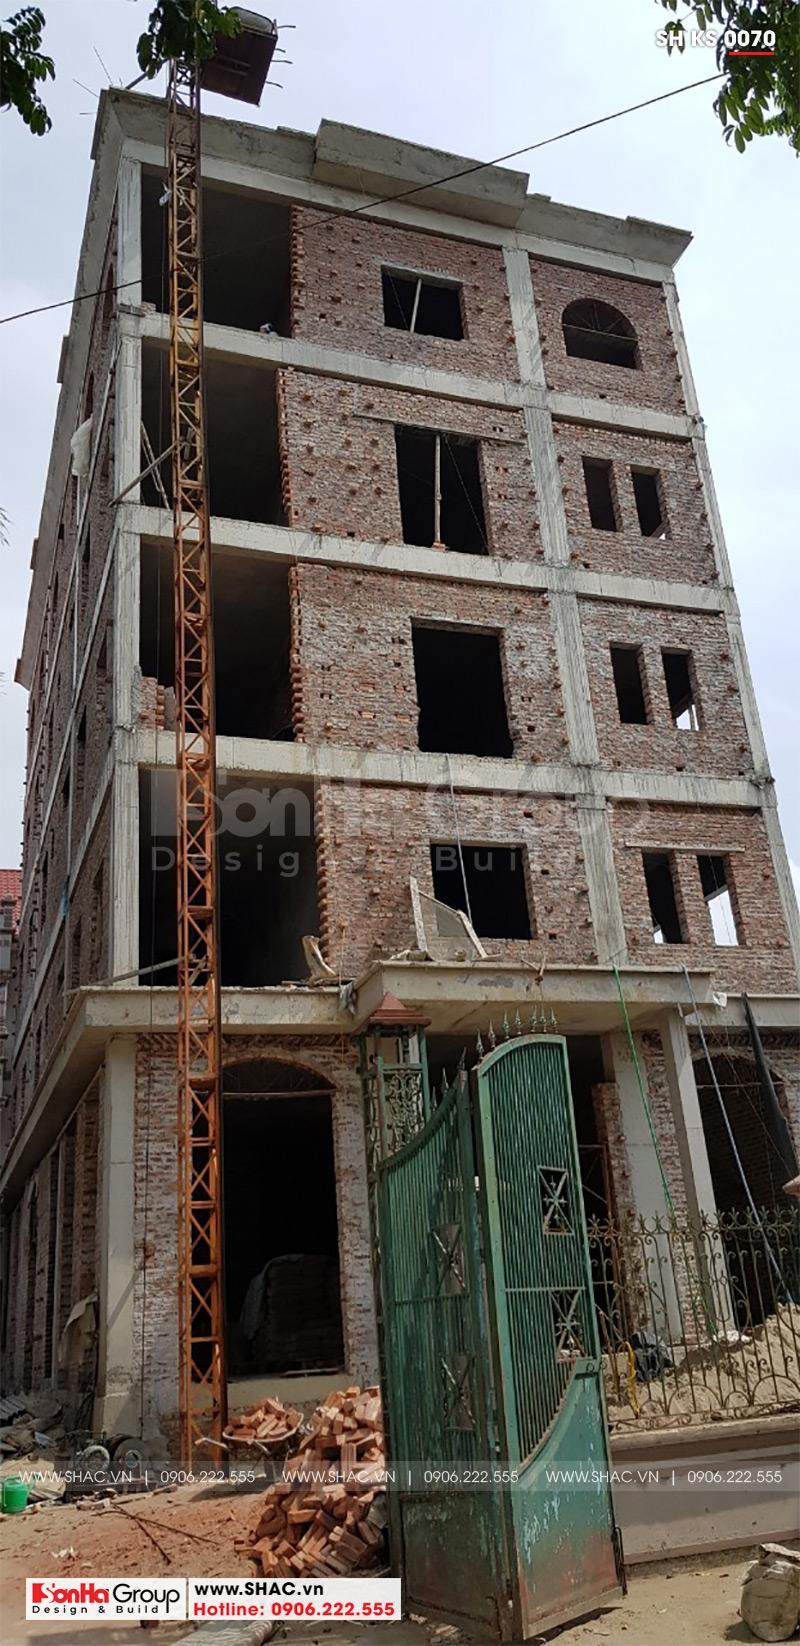 Mẫu thiết kế khách sạn tân cổ điển 5 tầng 10m x 22,5m tiêu chuẩn 3 sao tại Hà Nội – SH KS 0070 20